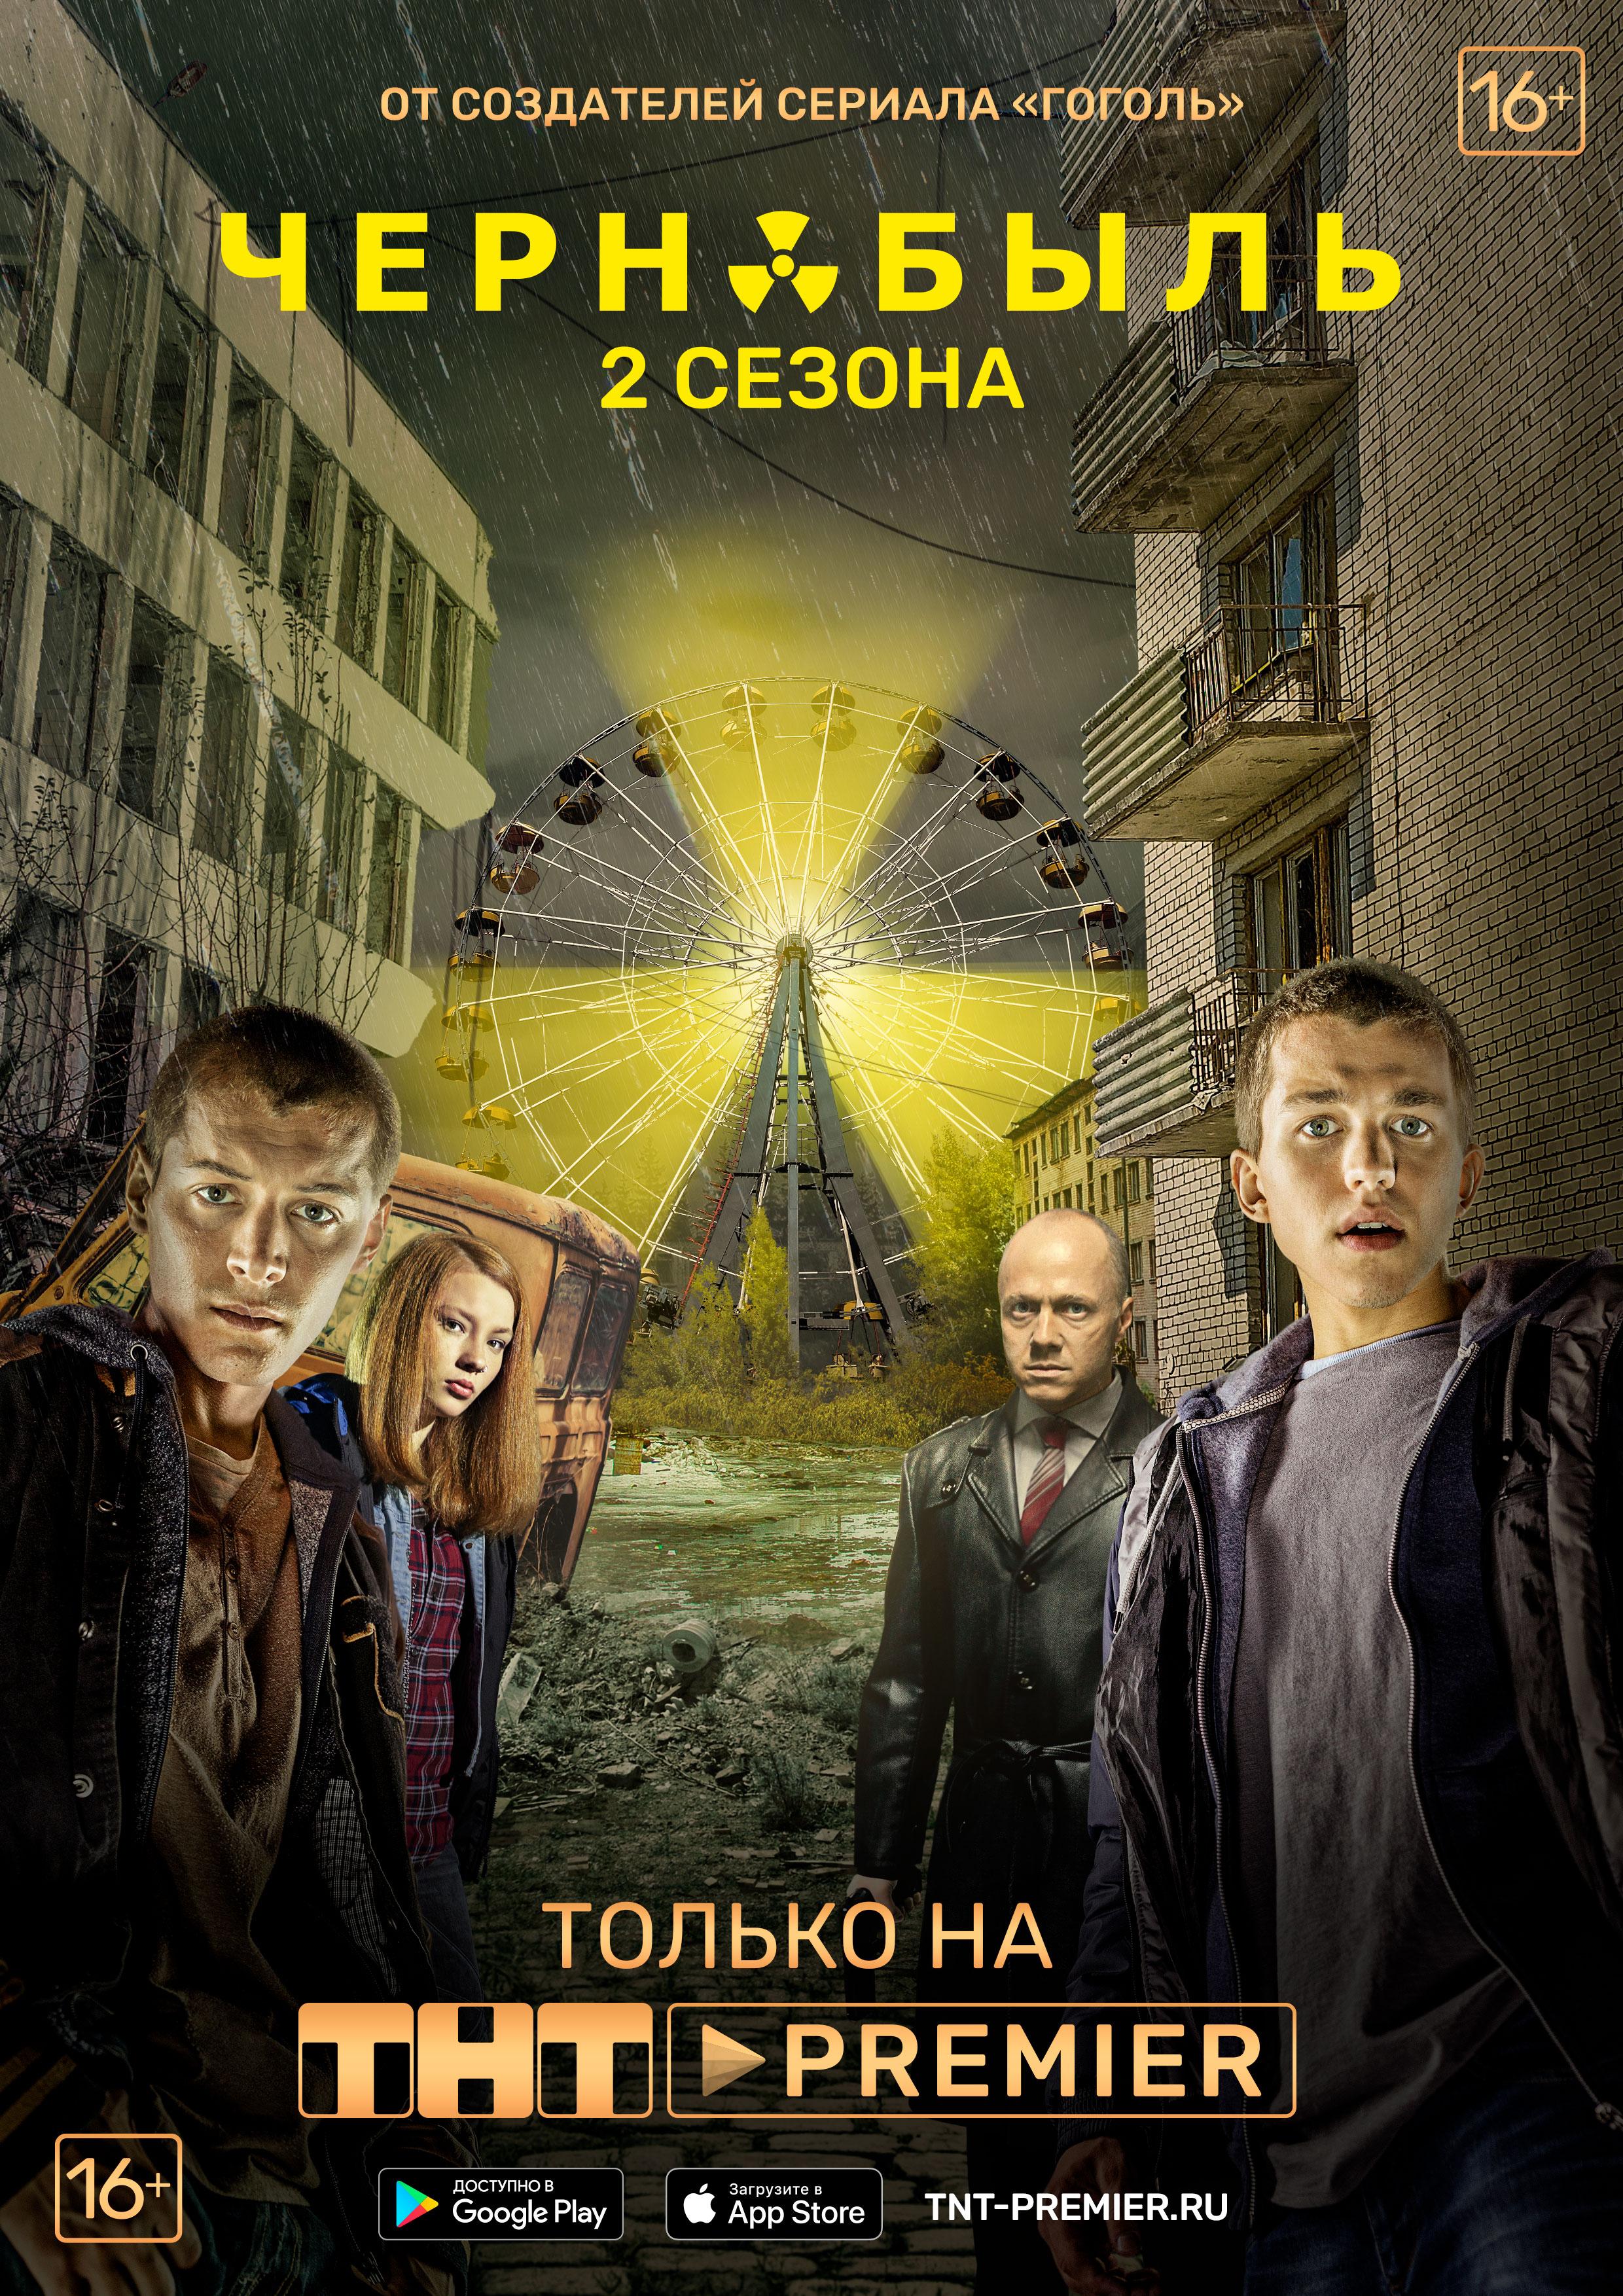 Когда выйдет 2 сезон сериал Чернобыль: зона отчуждения (дата выхода +трейлер)